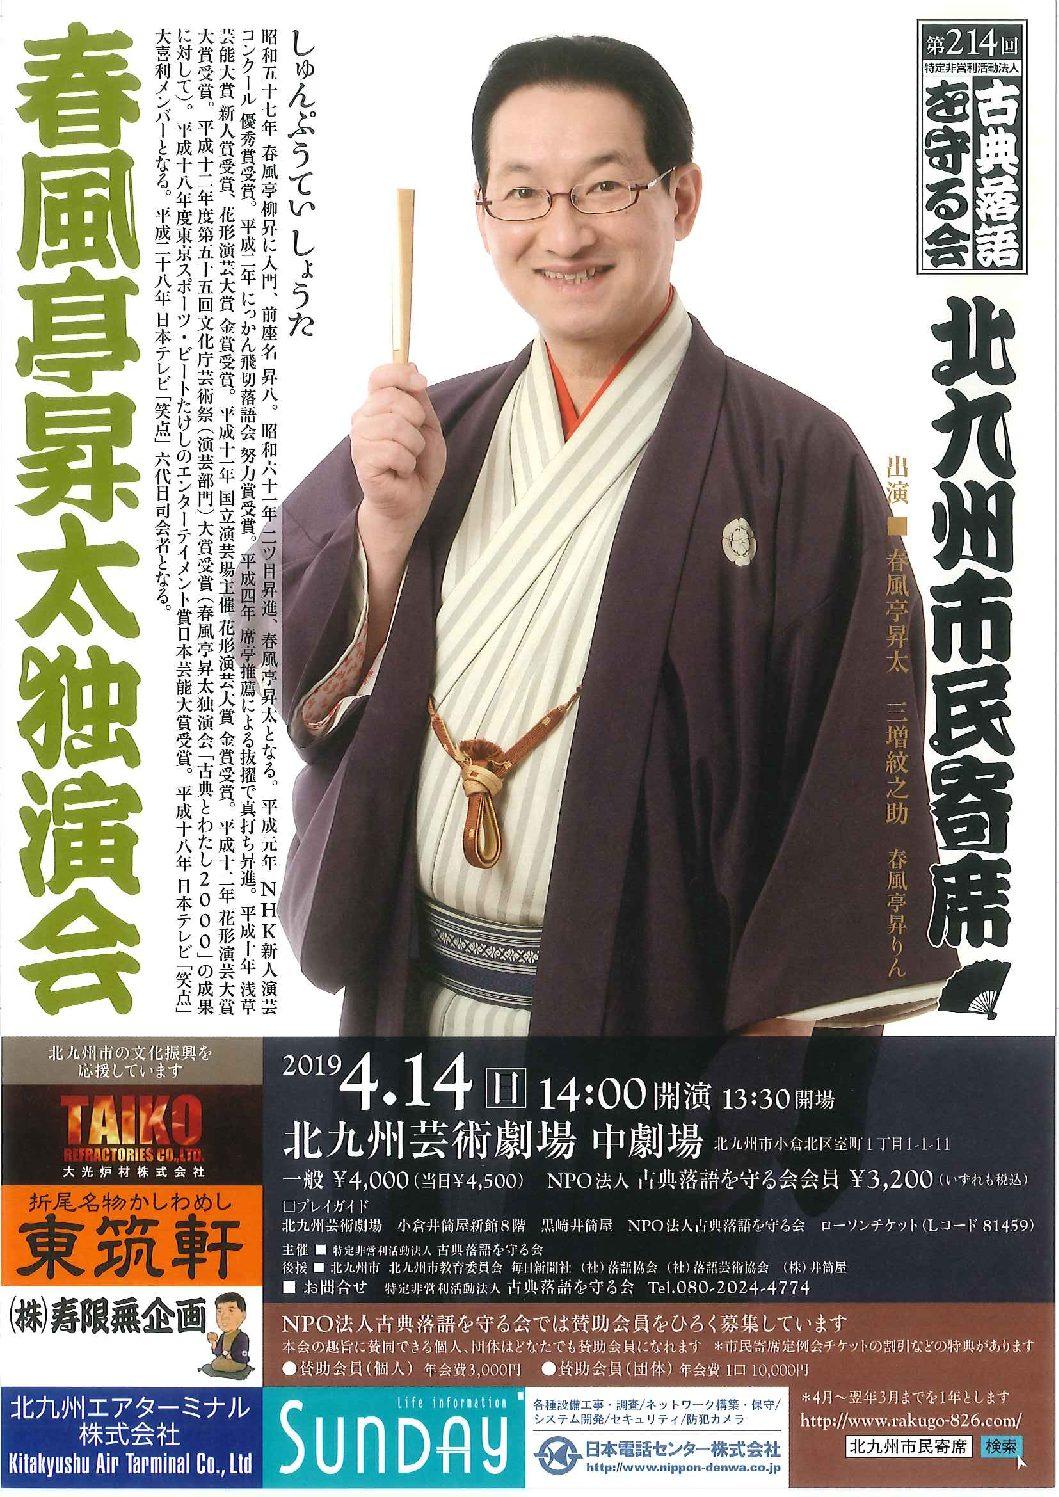 【4月14日開催】第214回北九州市民寄席 春風亭昇太独演会